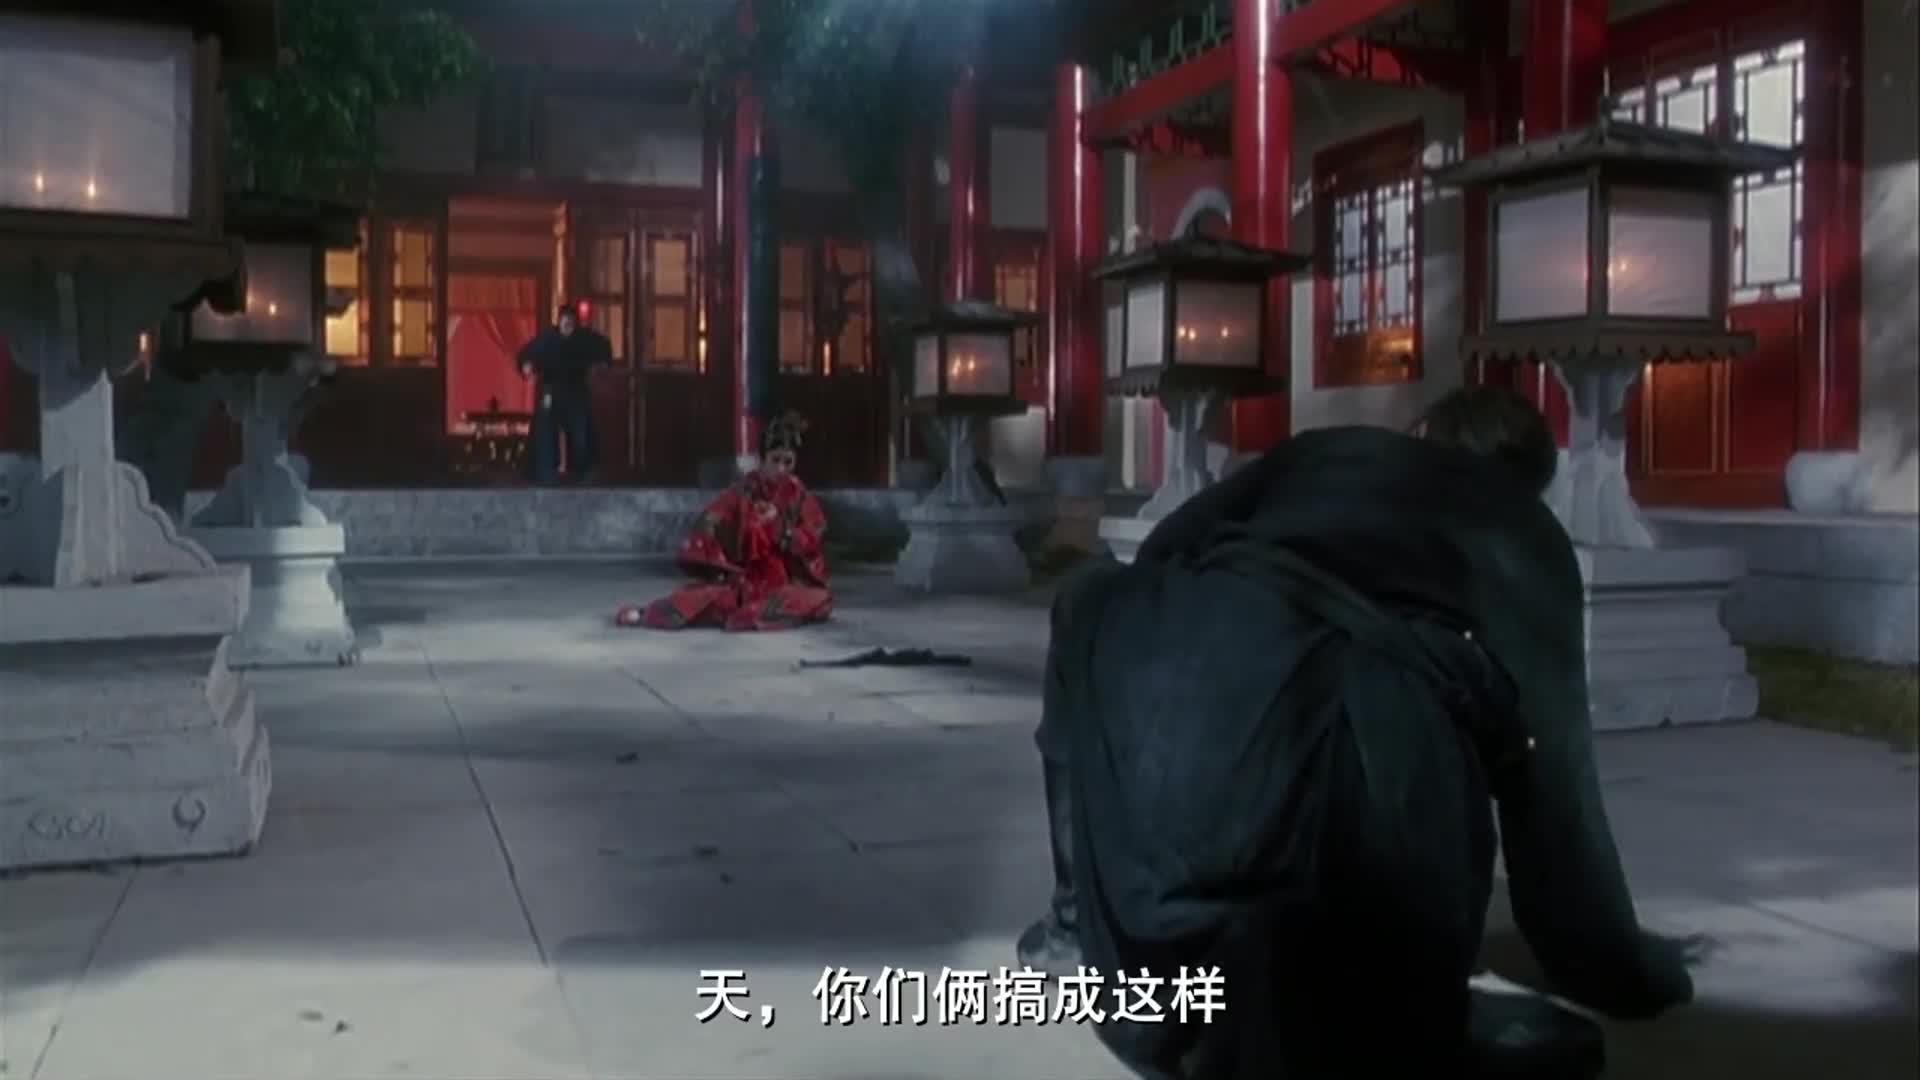 鹿鼎记:耍贱最服周星驰!只不过吴孟达比他更贱!笑喷